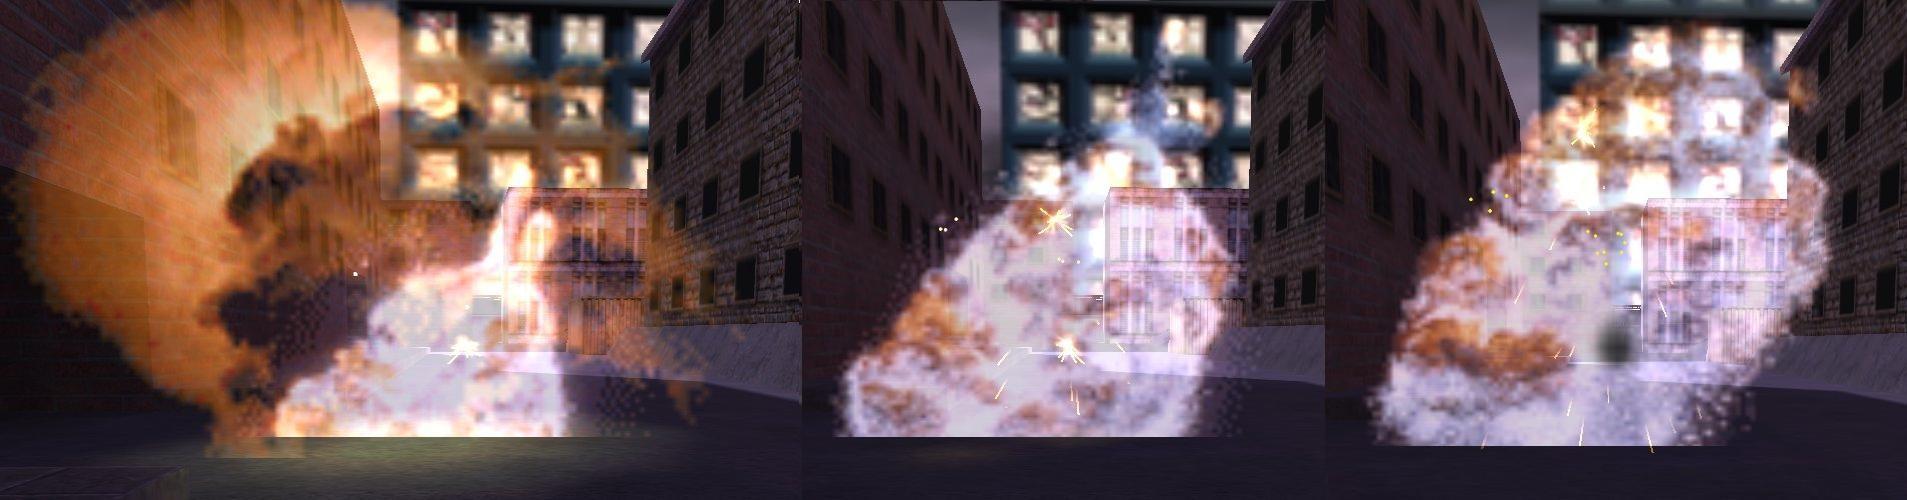 دانلود اسپرایت Explosion Effects | CSC برای سی اس 1.6